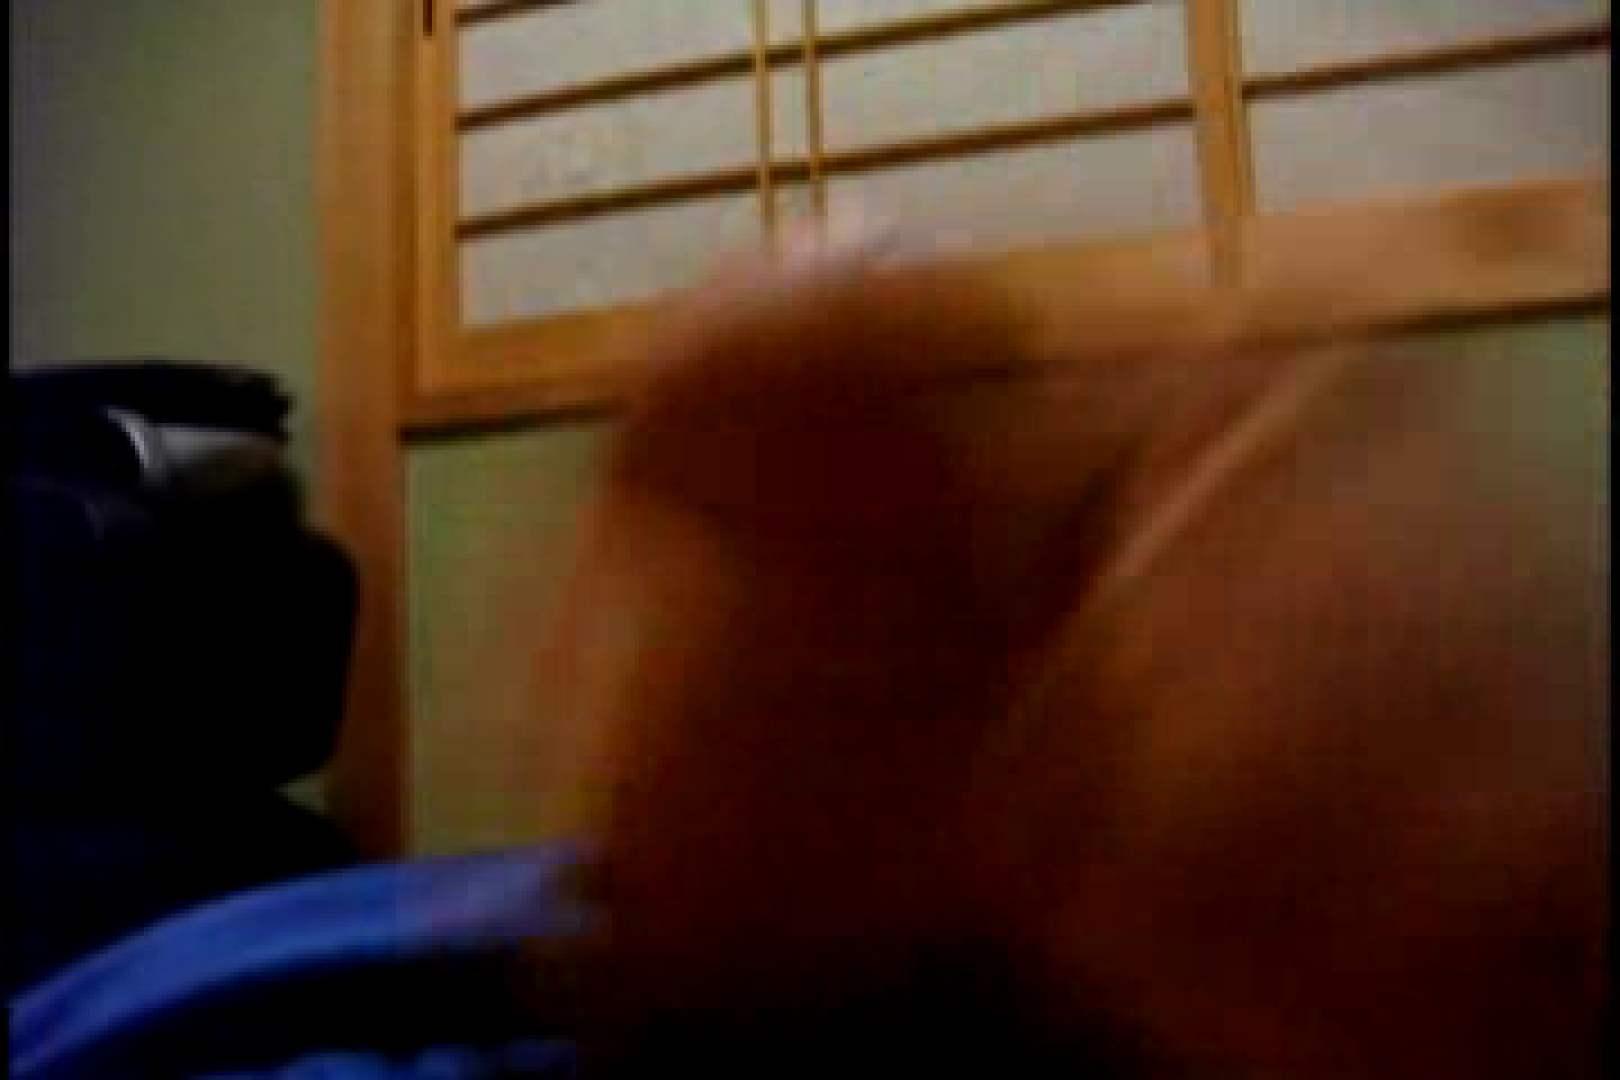 オナ好きノンケテニス部員の自画撮り投稿vol.02 無修正 ゲイエロ動画 89pic 52